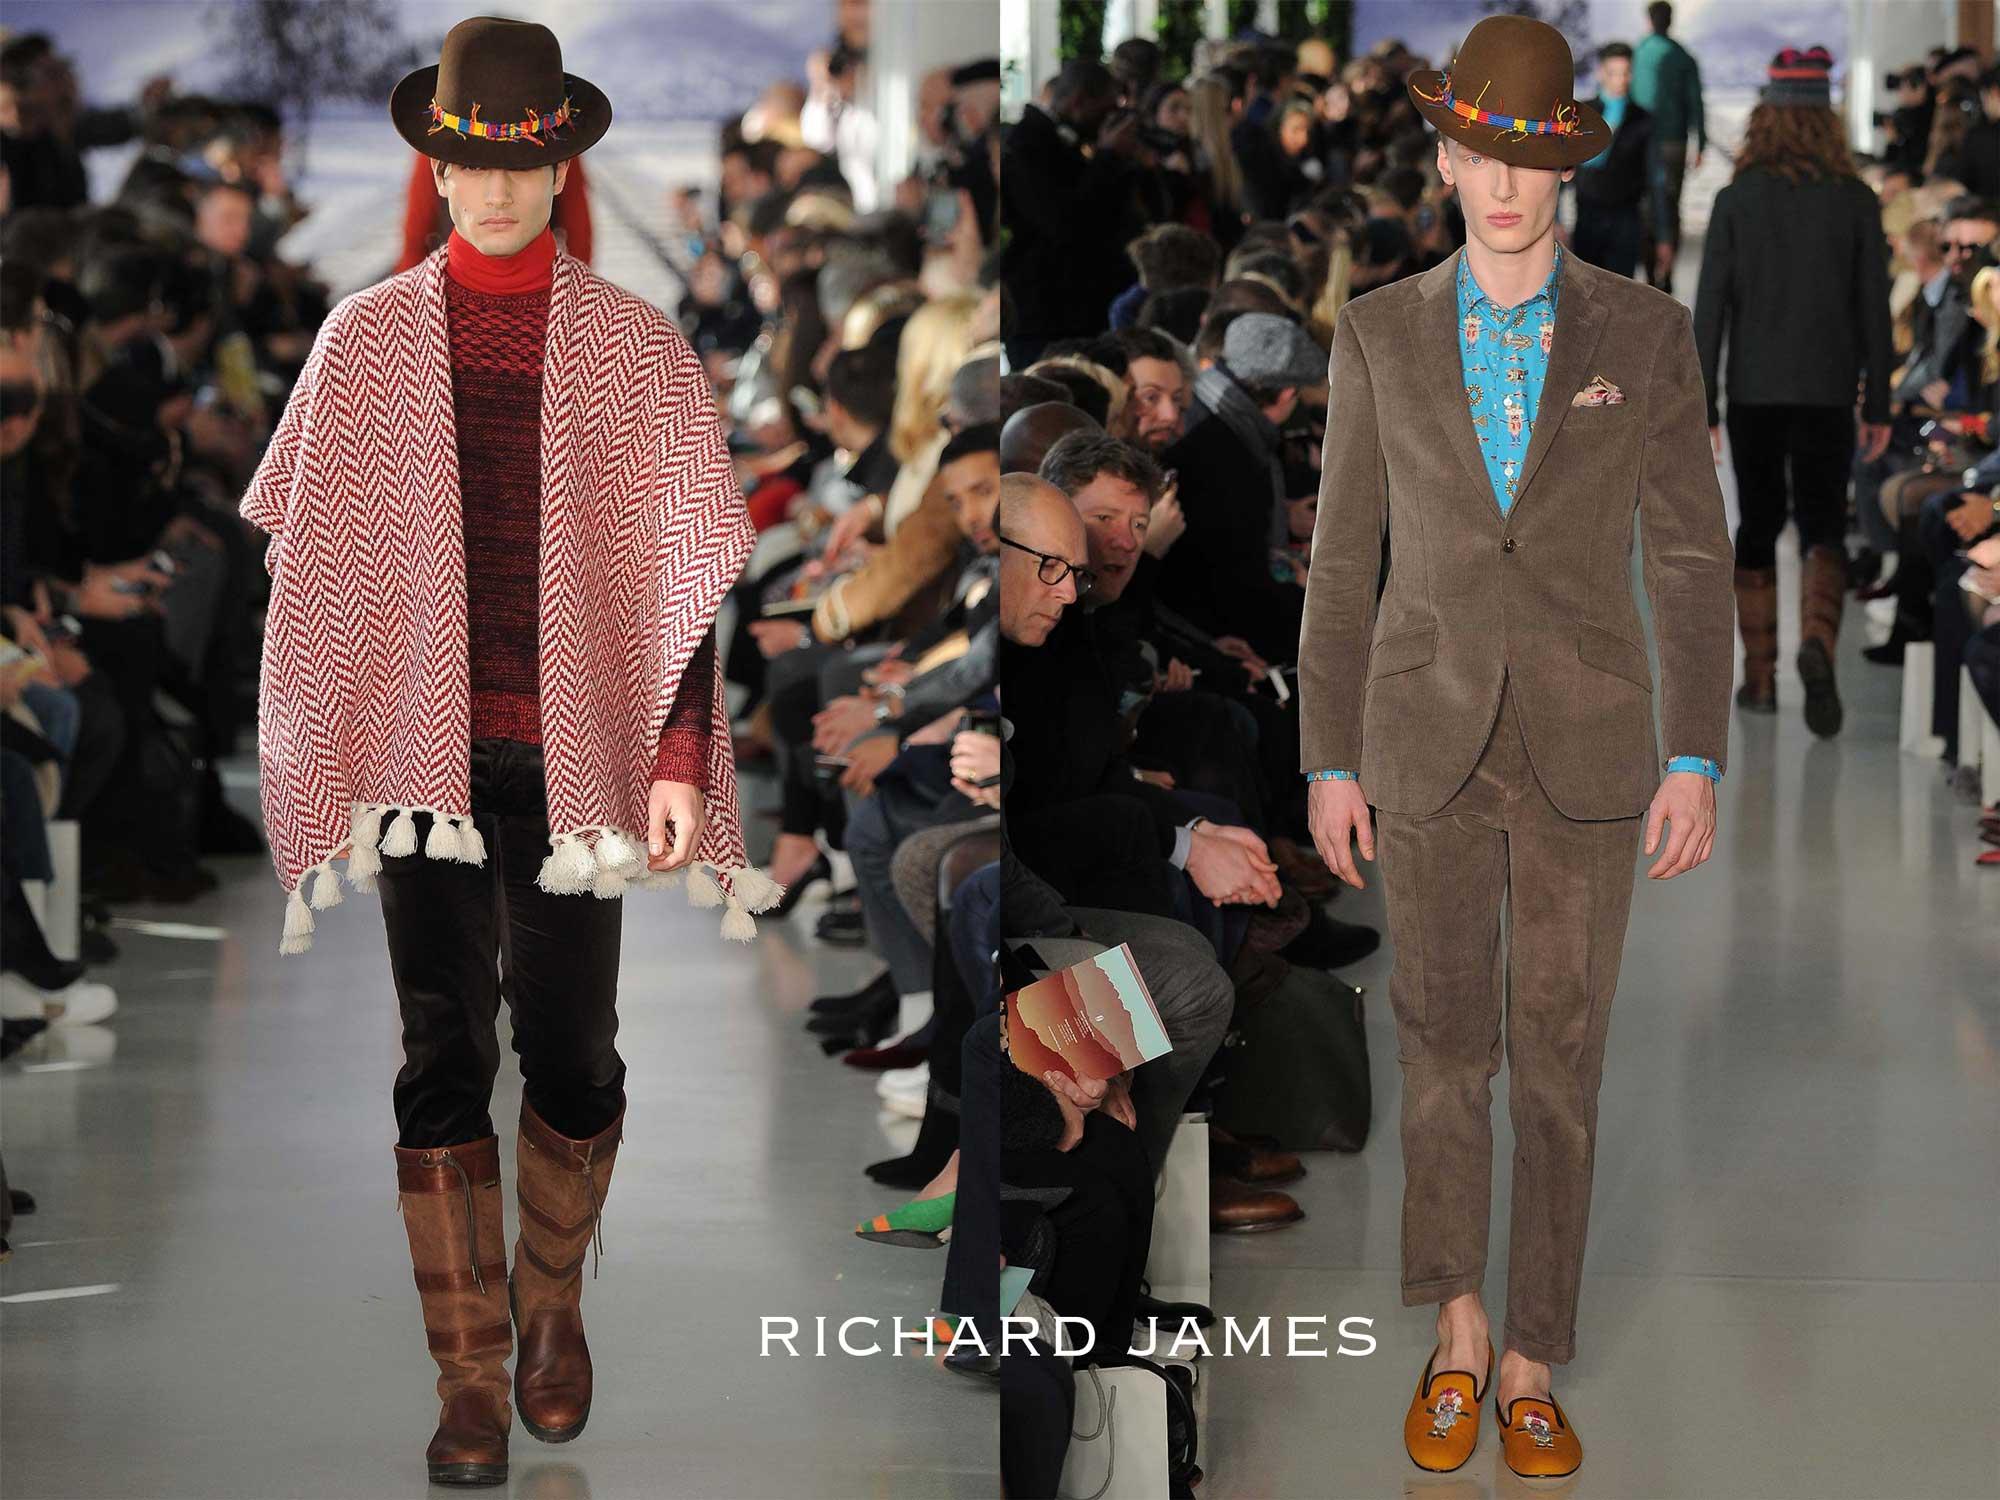 richard-james